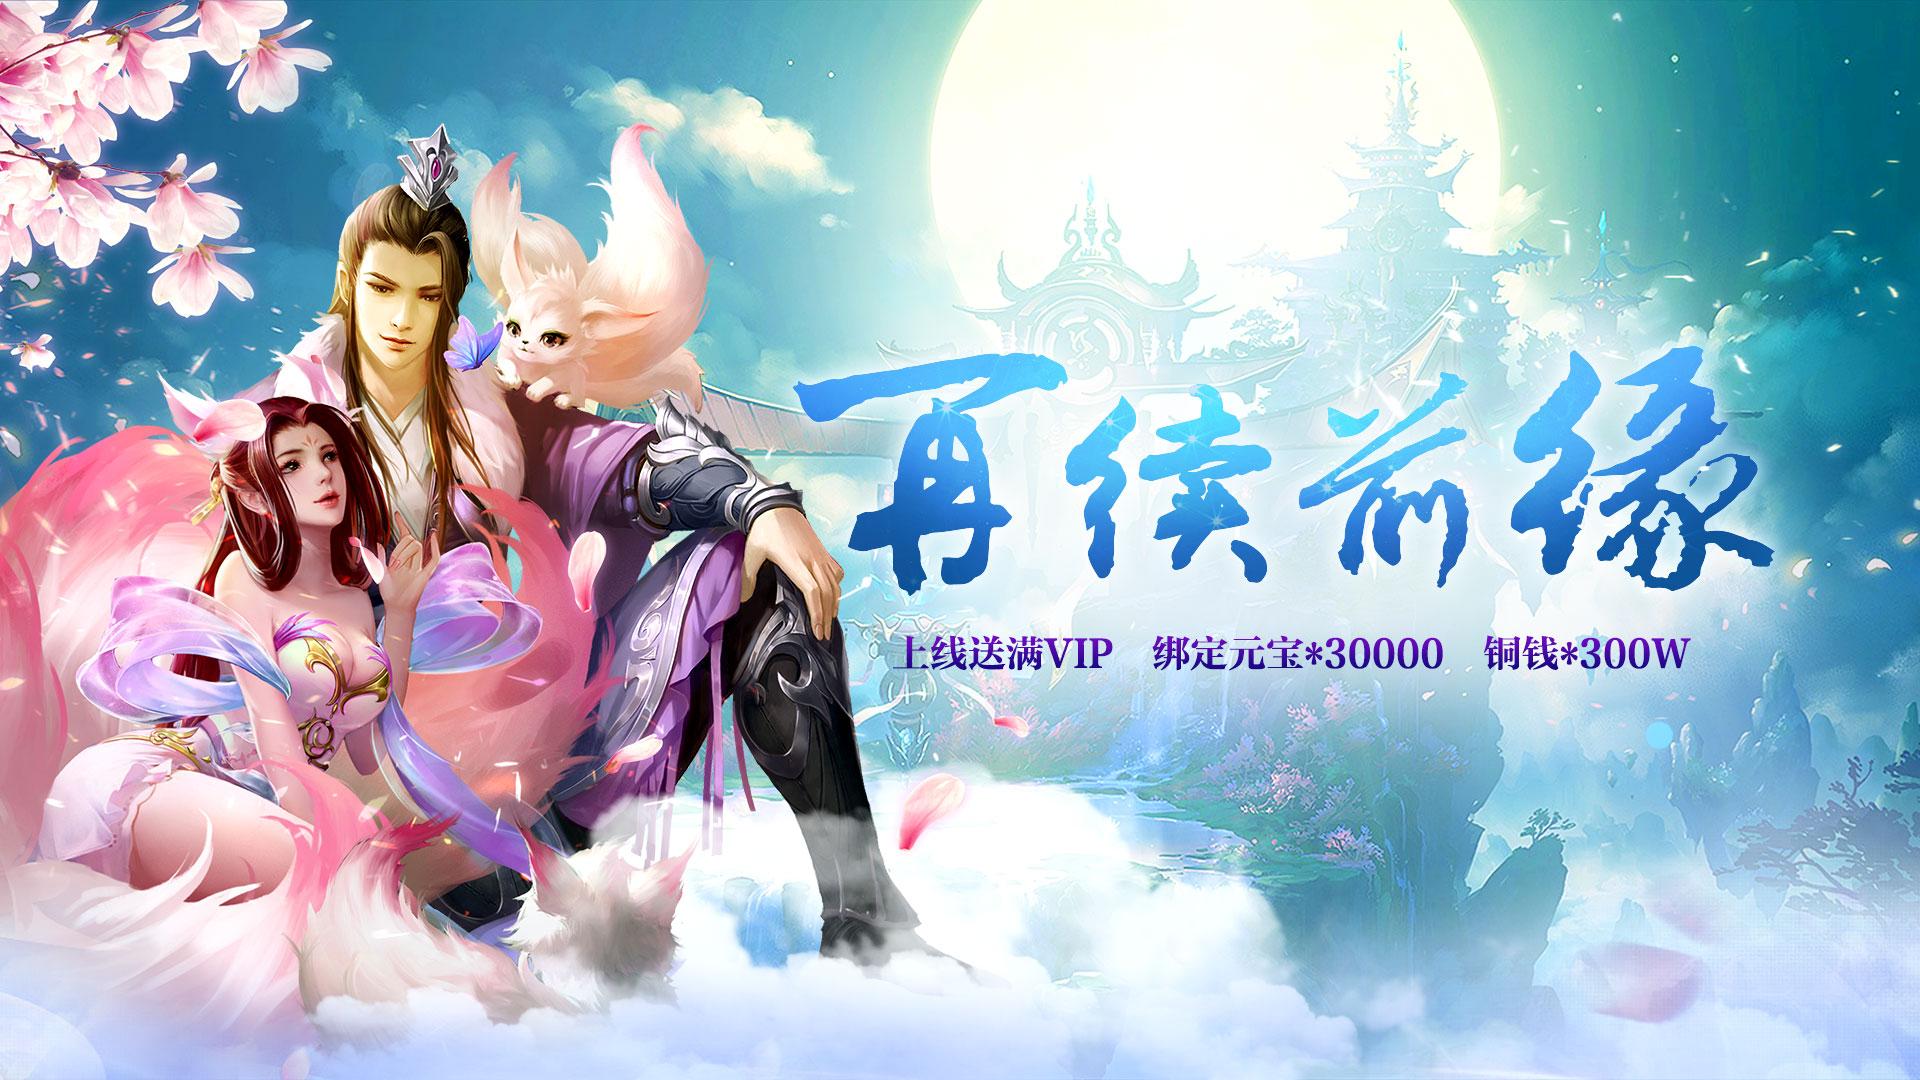 《梦回仙灵商城版》变态游戏上线送满V、绑定元宝30000、铜钱300W